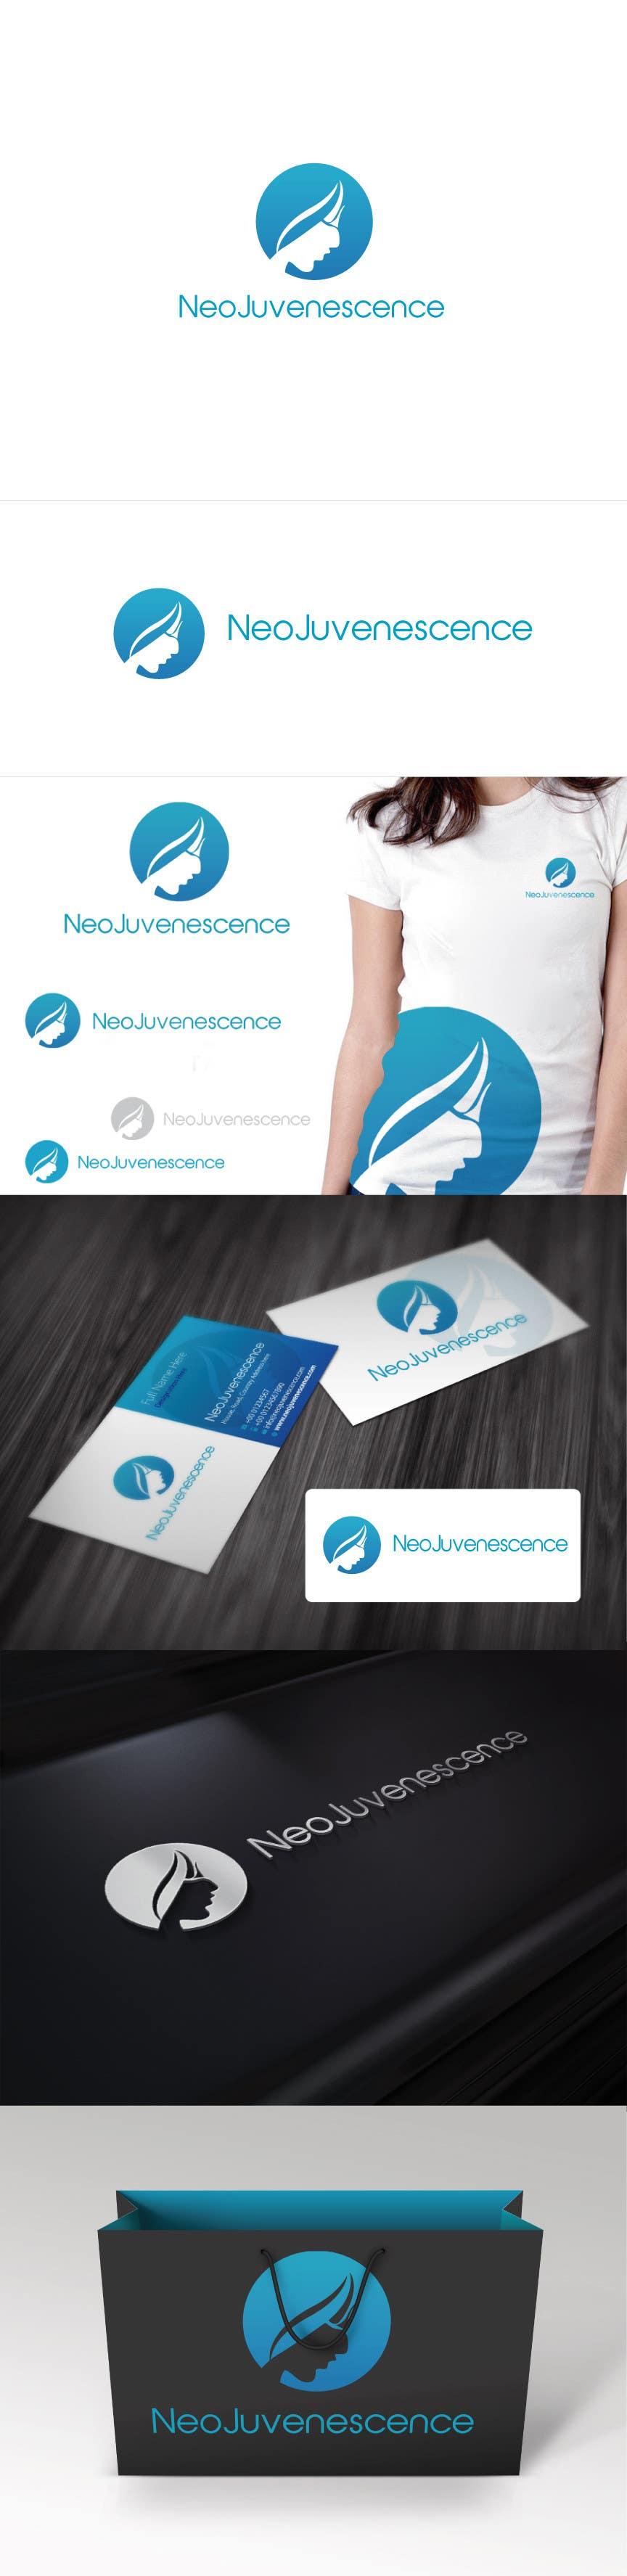 Kilpailutyö #32 kilpailussa NeoJuvenescence